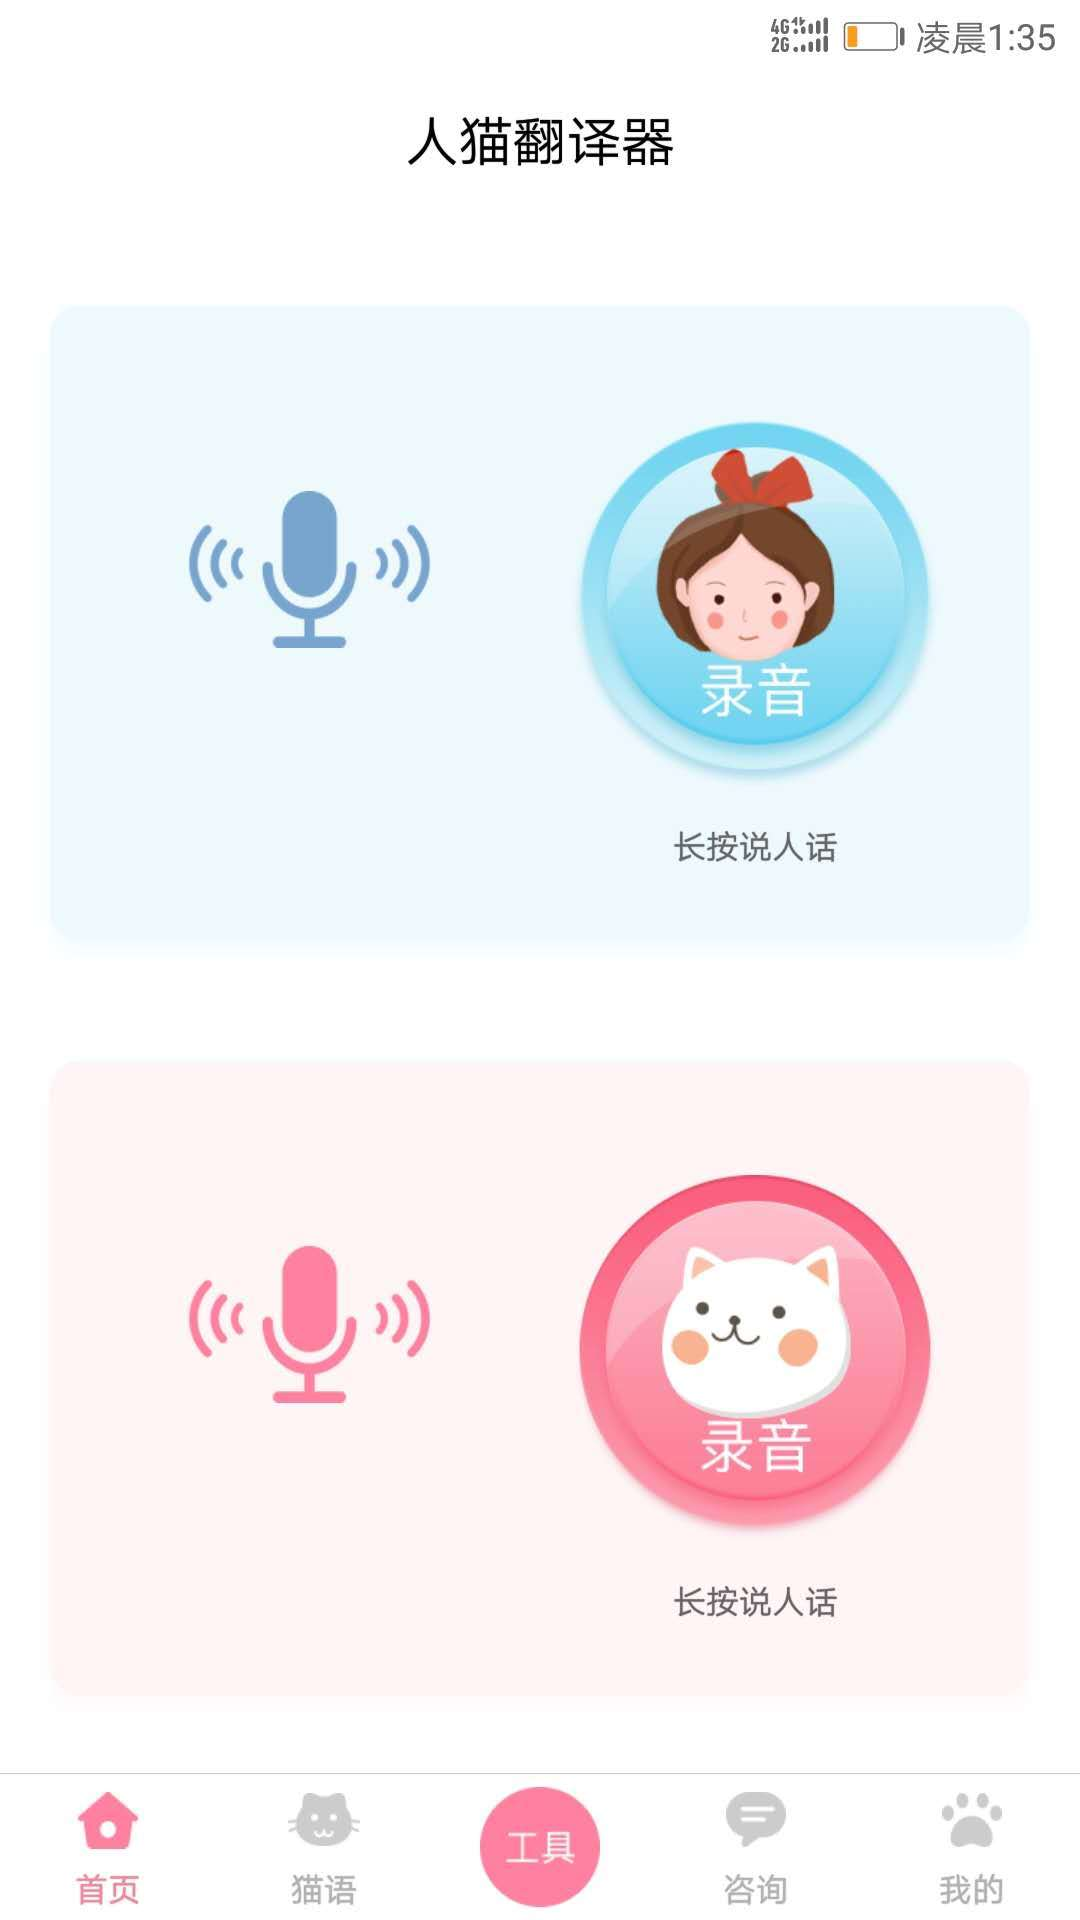 人猫翻译器截图(1)